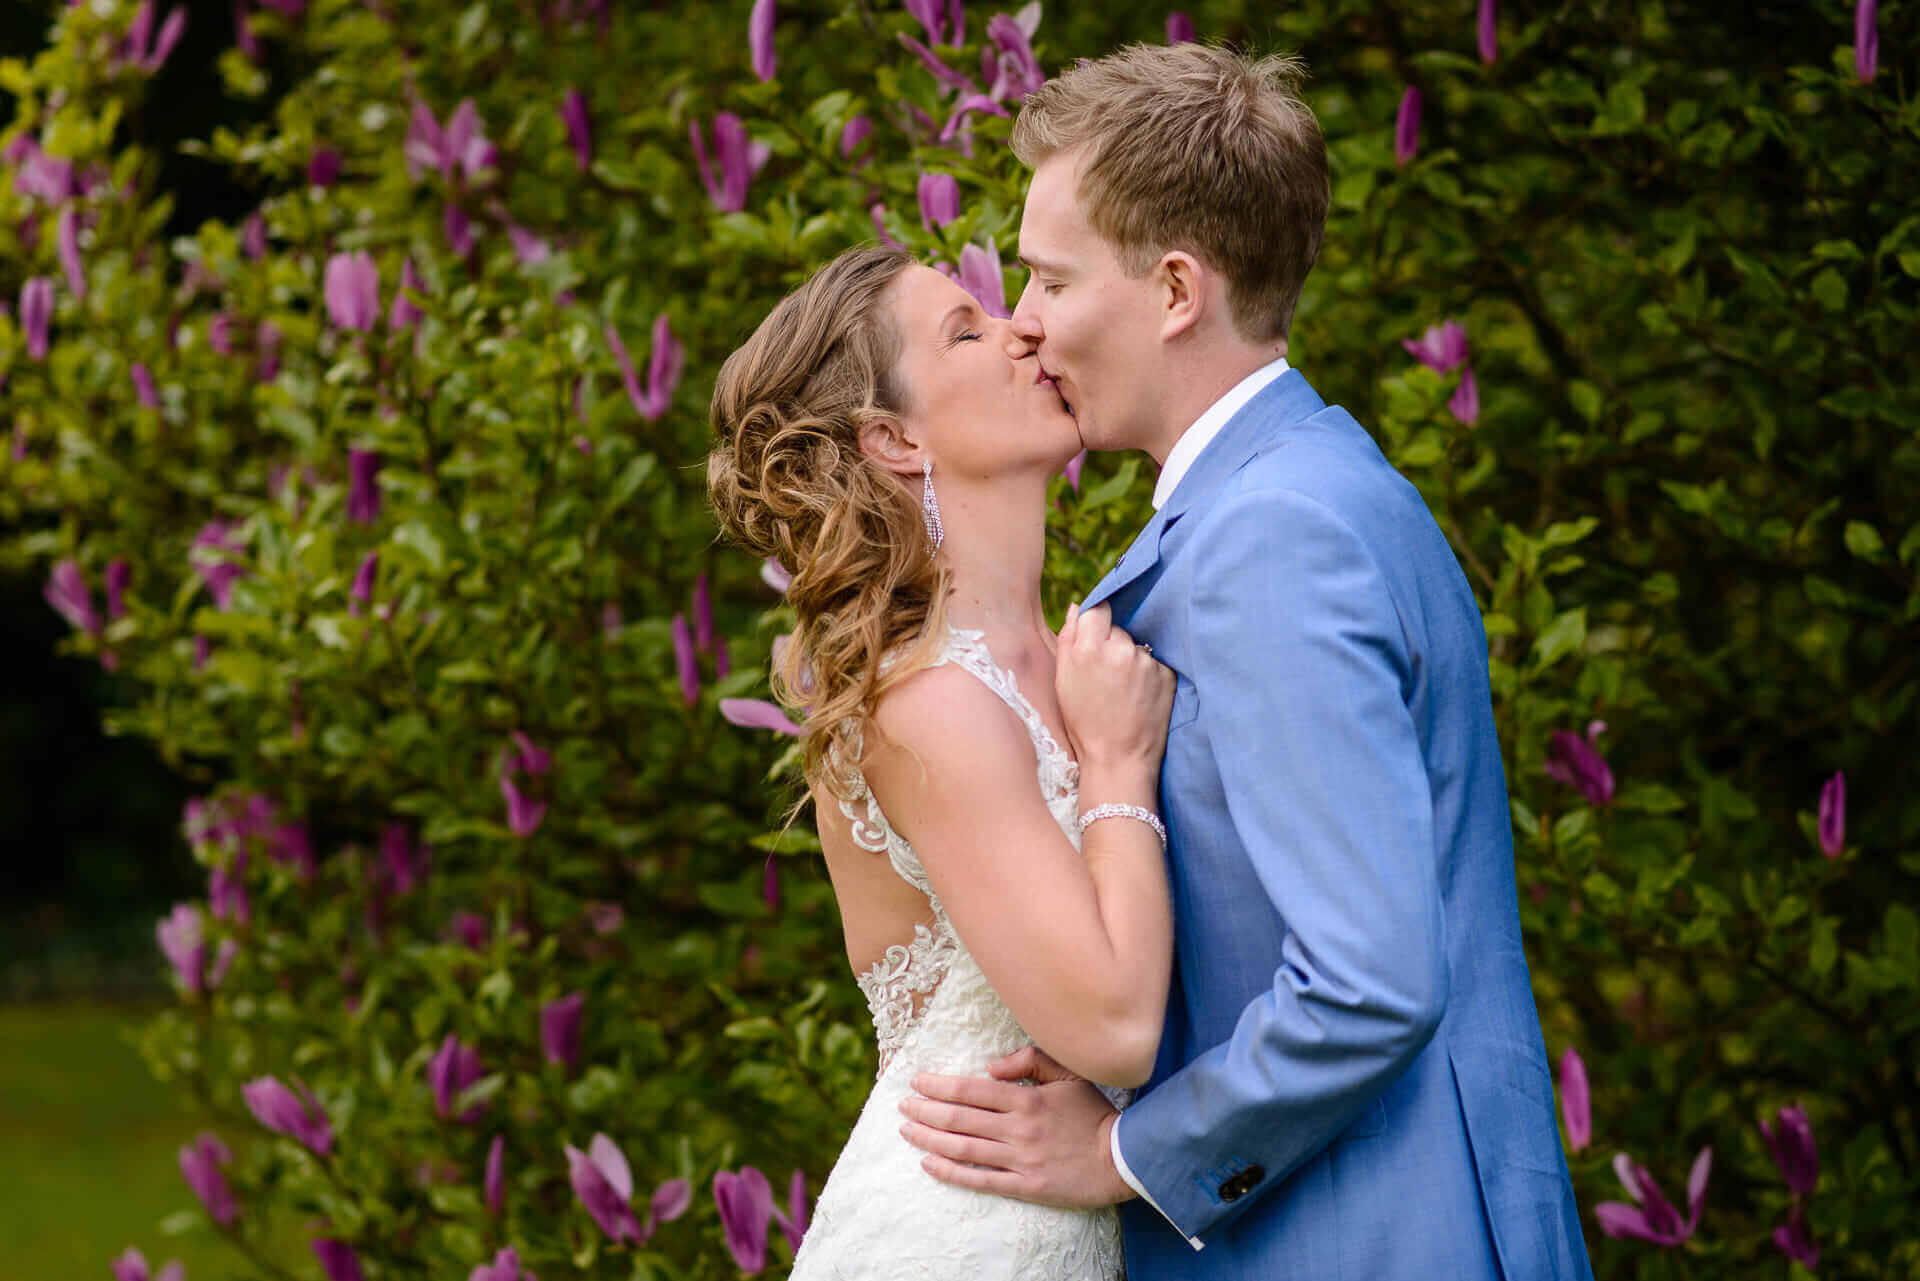 Bruidsfotografie in de tuin van het raadhuis te Vught